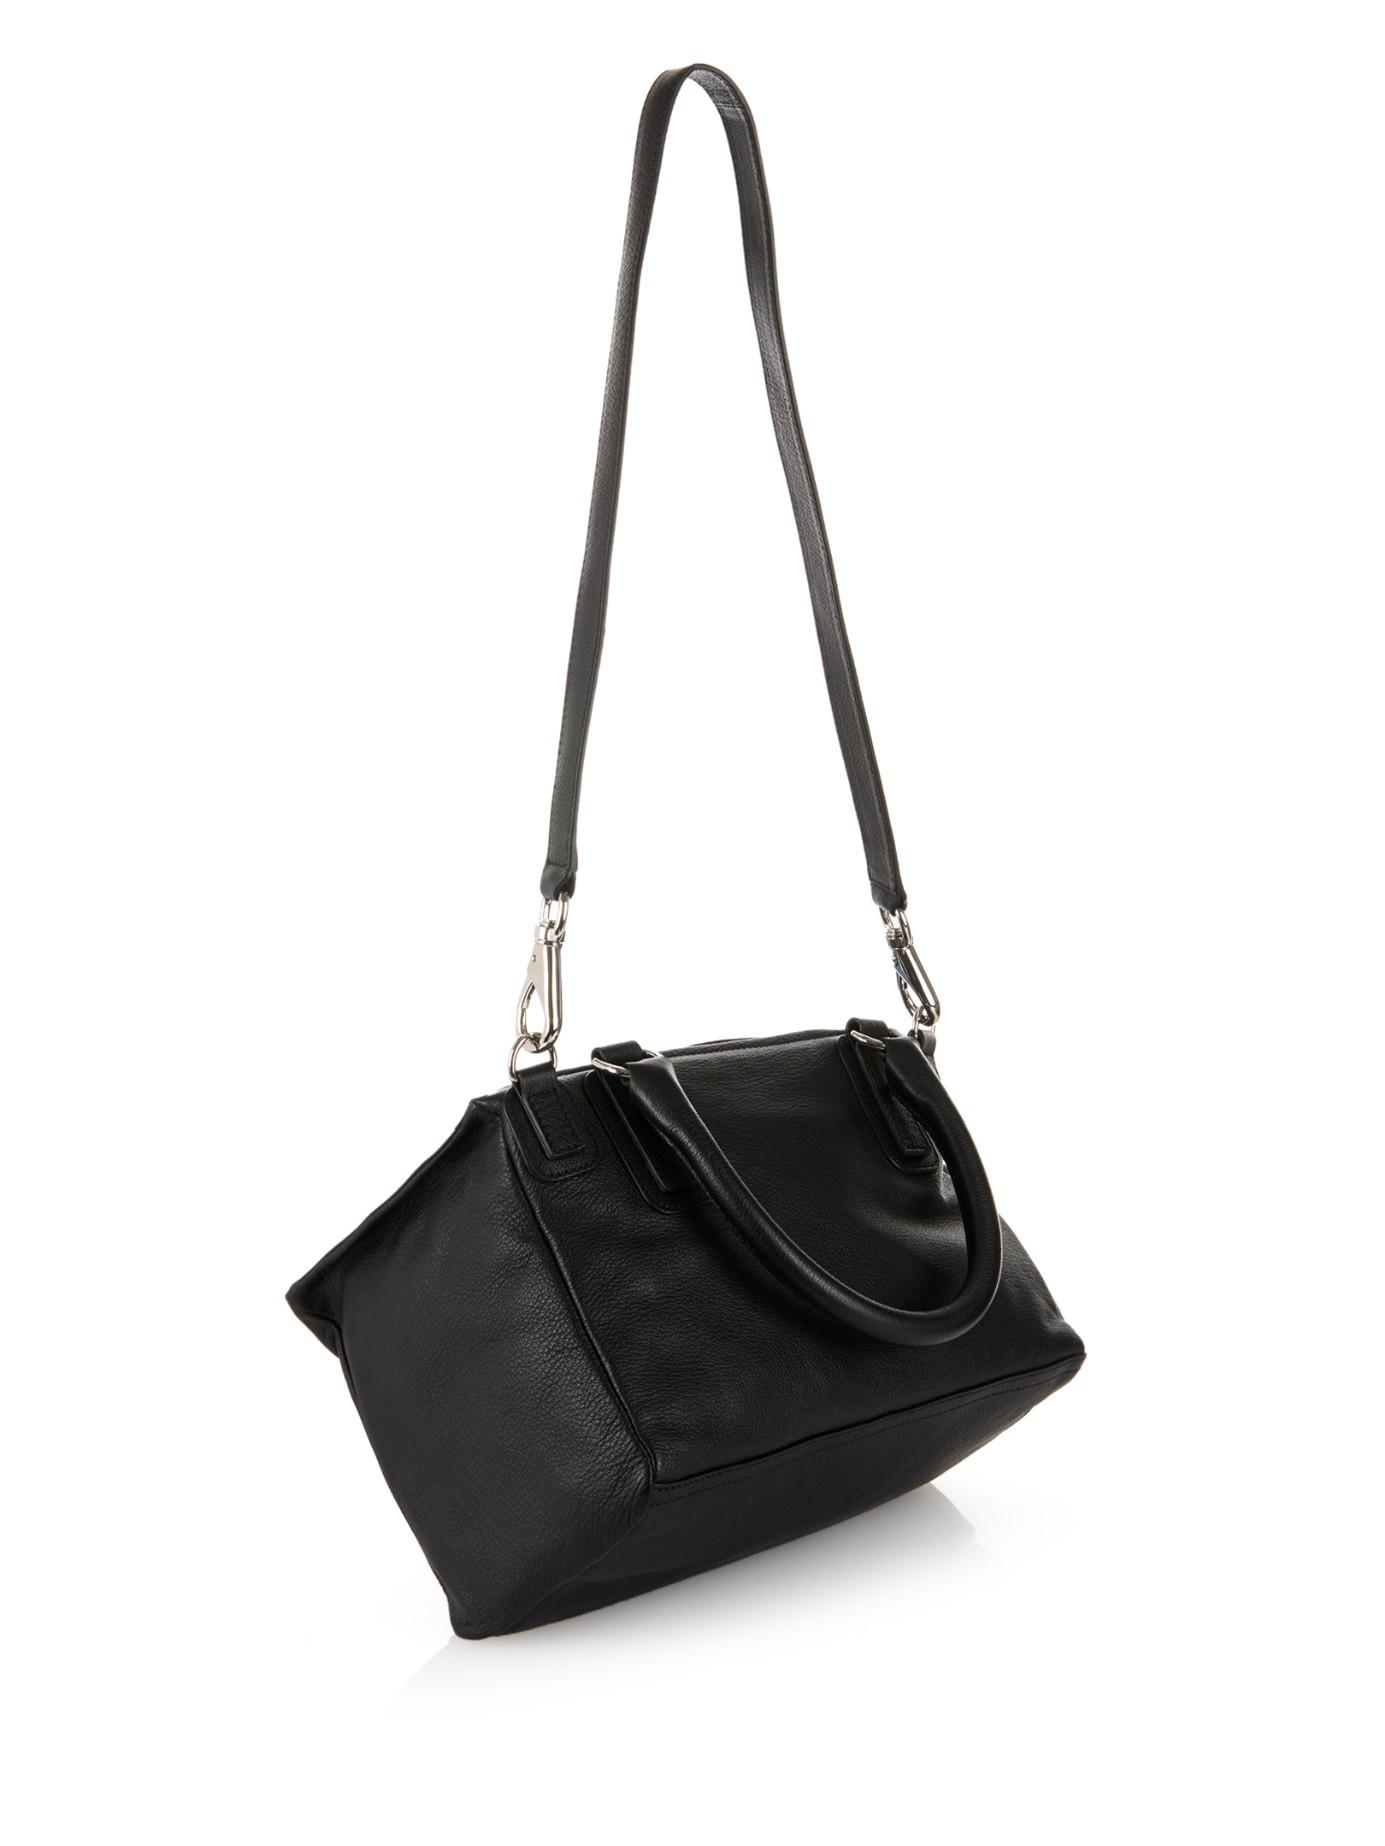 ac806662c706 Lyst - Givenchy Pandora Medium Sugar-leather Bag in Black